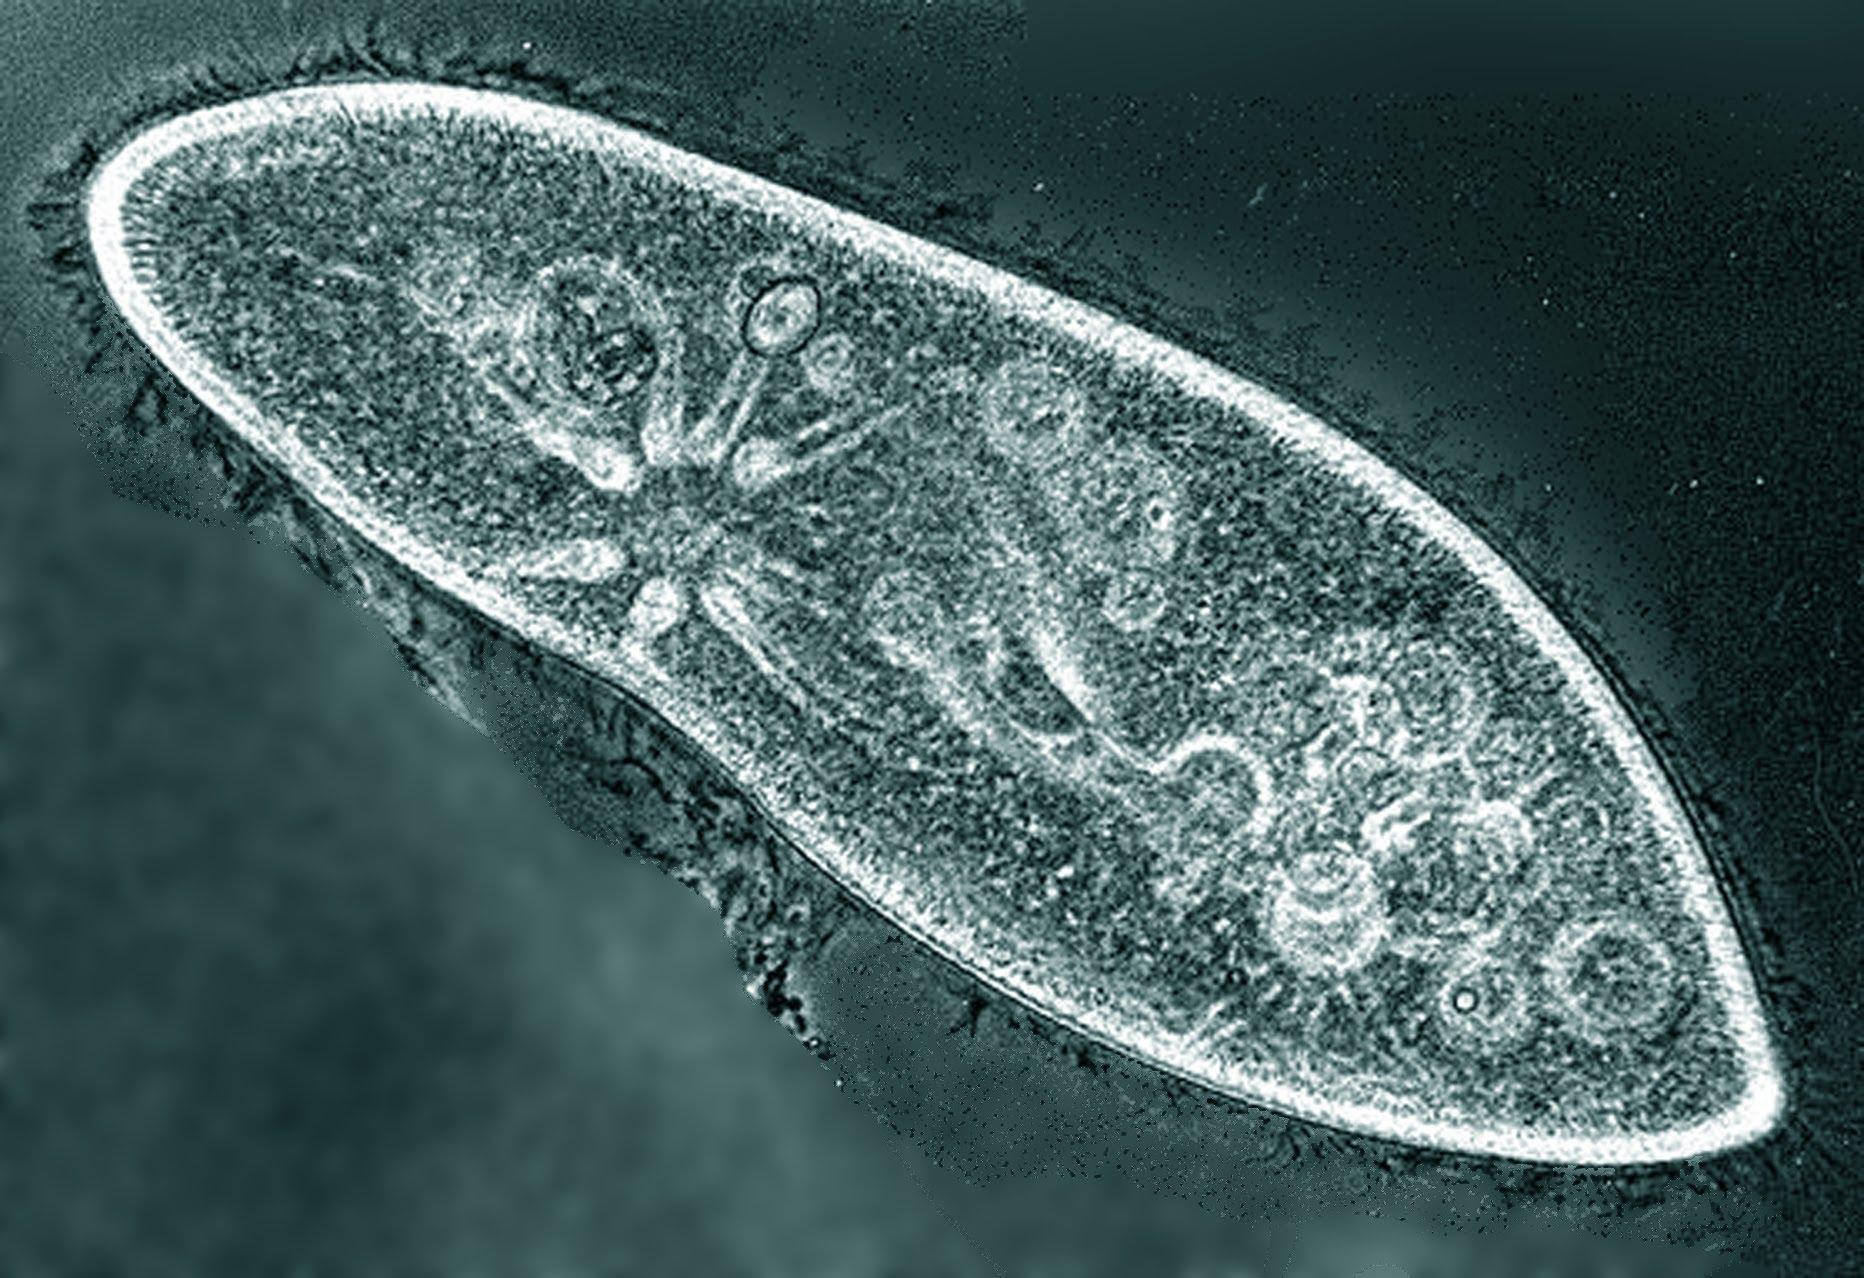 пижма от паразитов отзывы